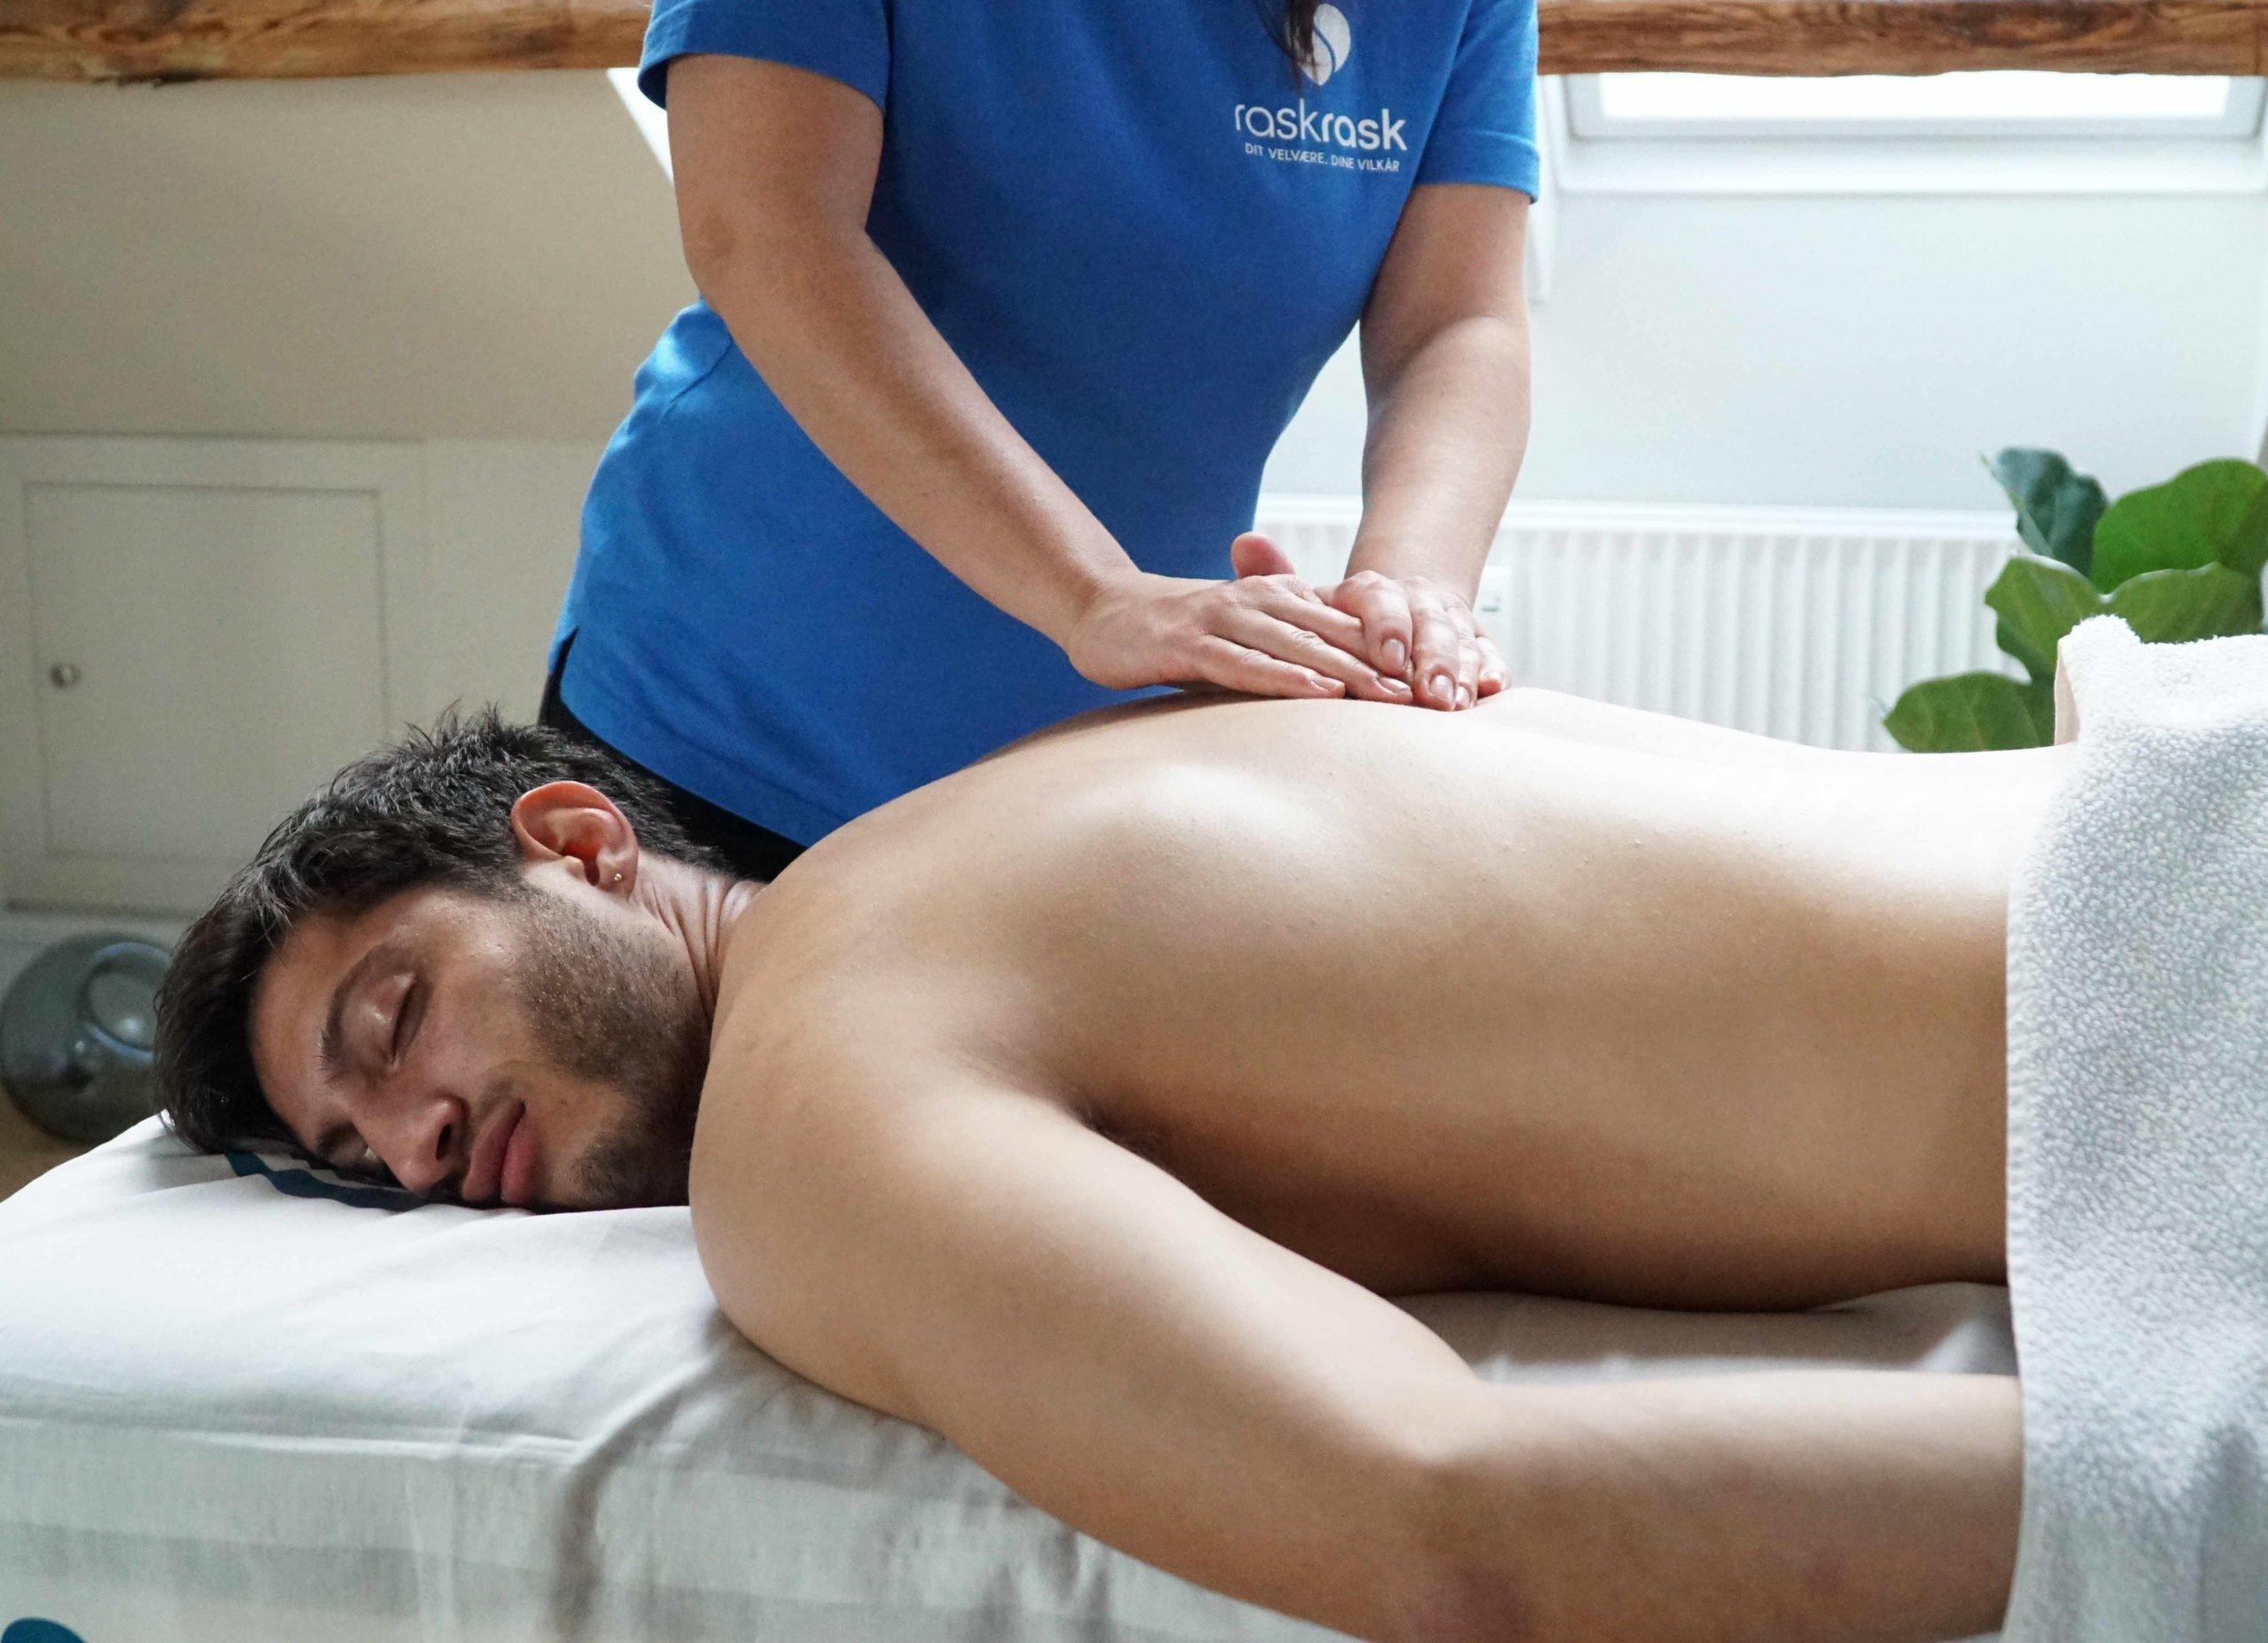 skulder massage